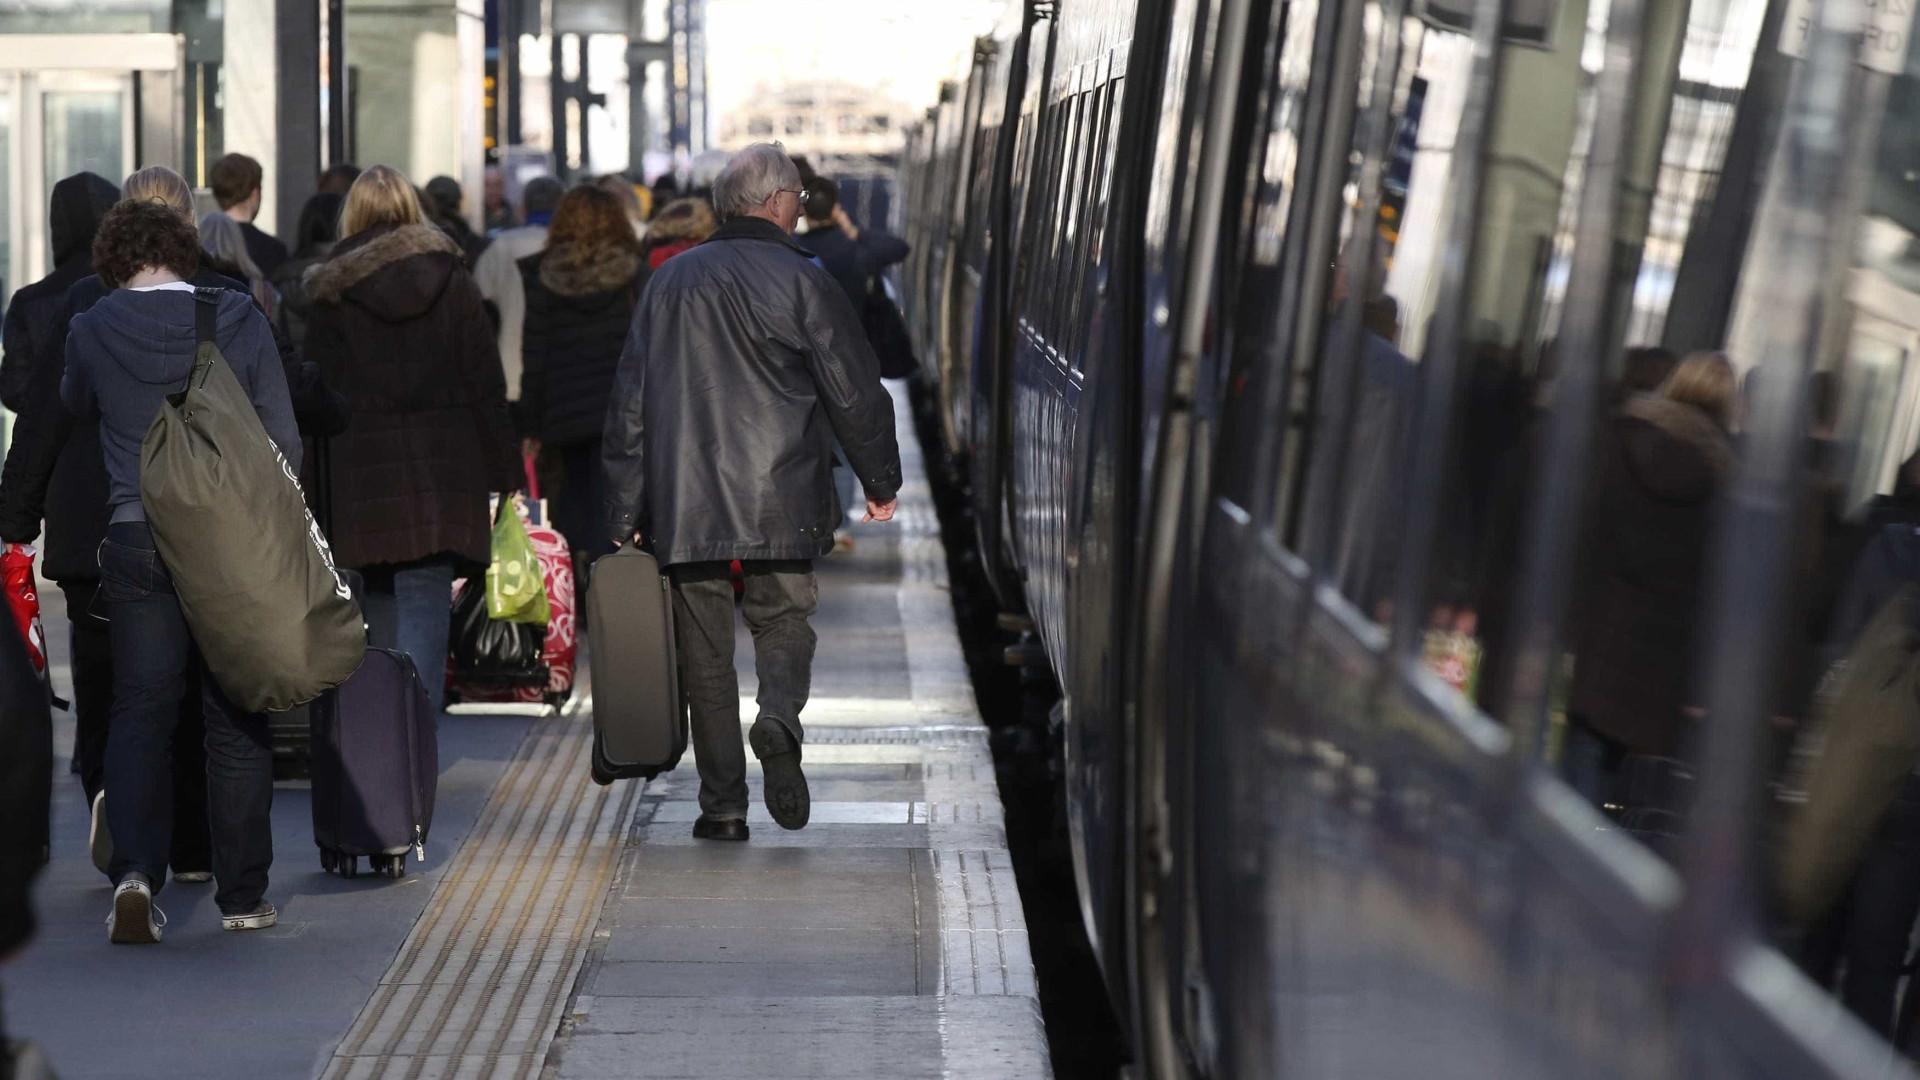 Droga causa morte de sem abrigo português encontrado no metro de Londres